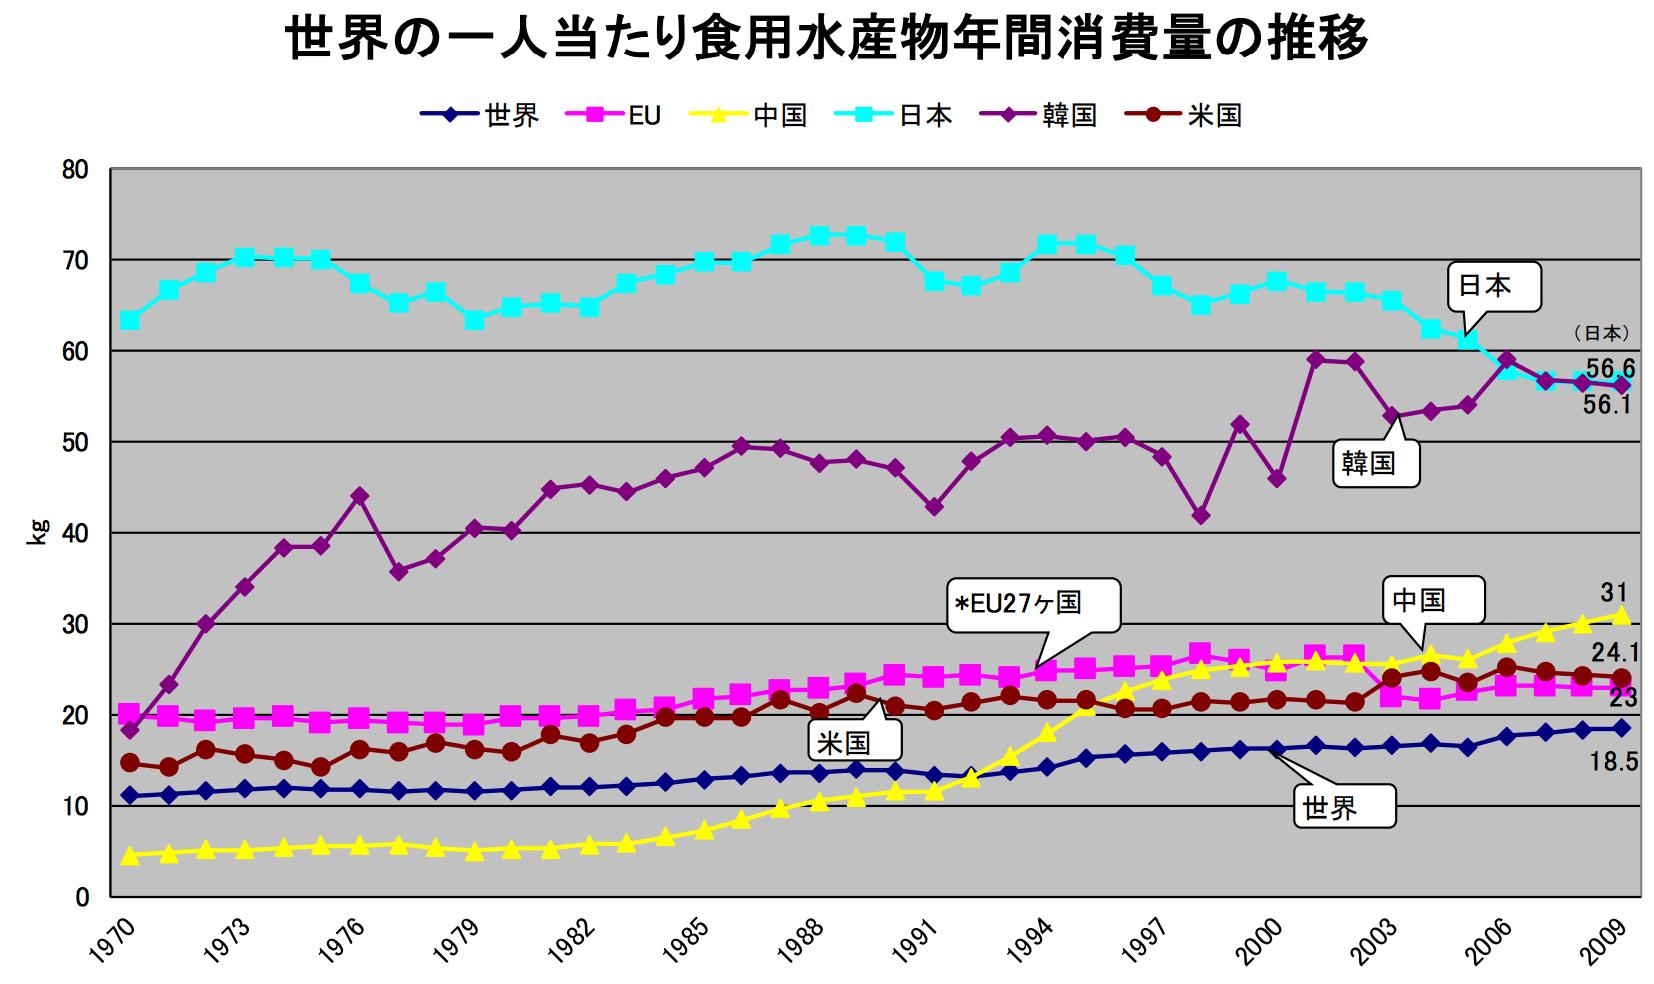 国別食用水産物消費量(ひとりあたり)